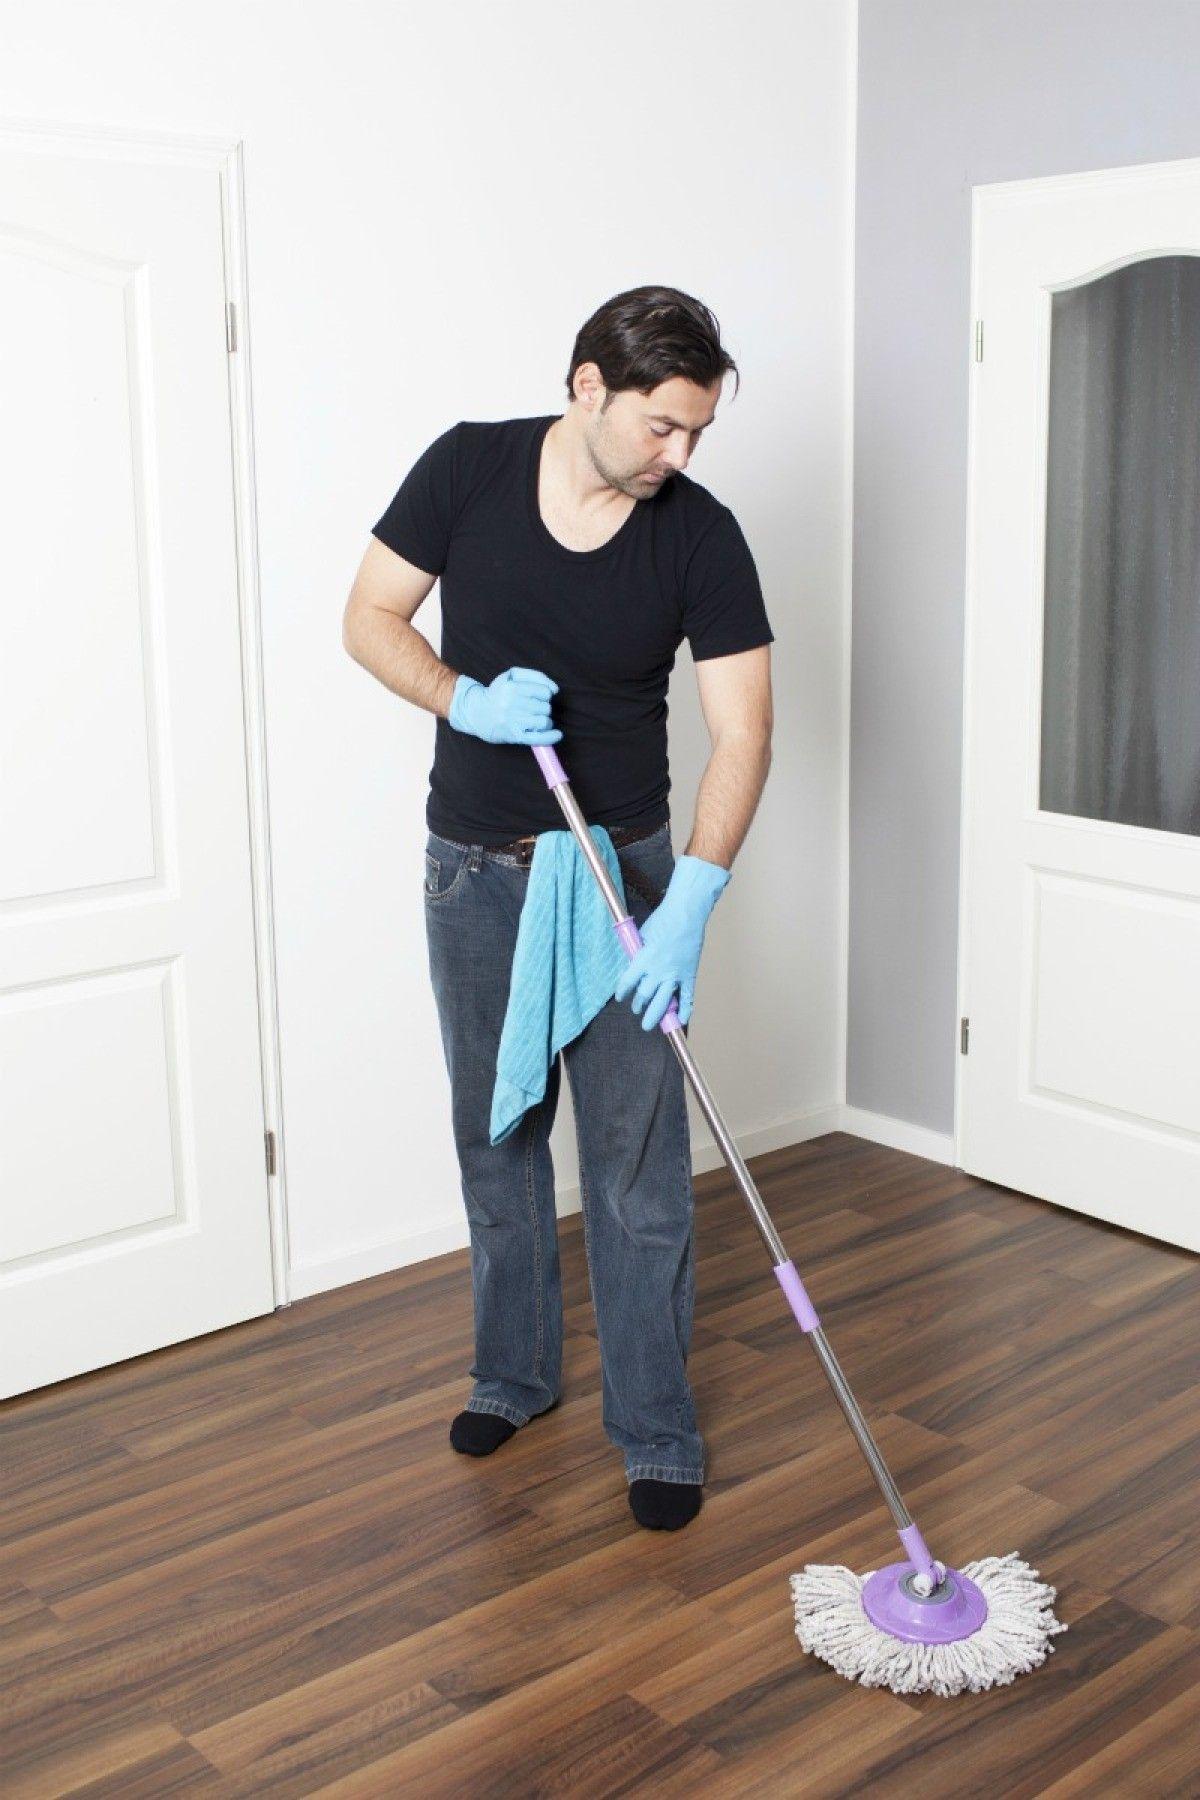 Removing Floor Wax From Laminate Flooring Floor wax